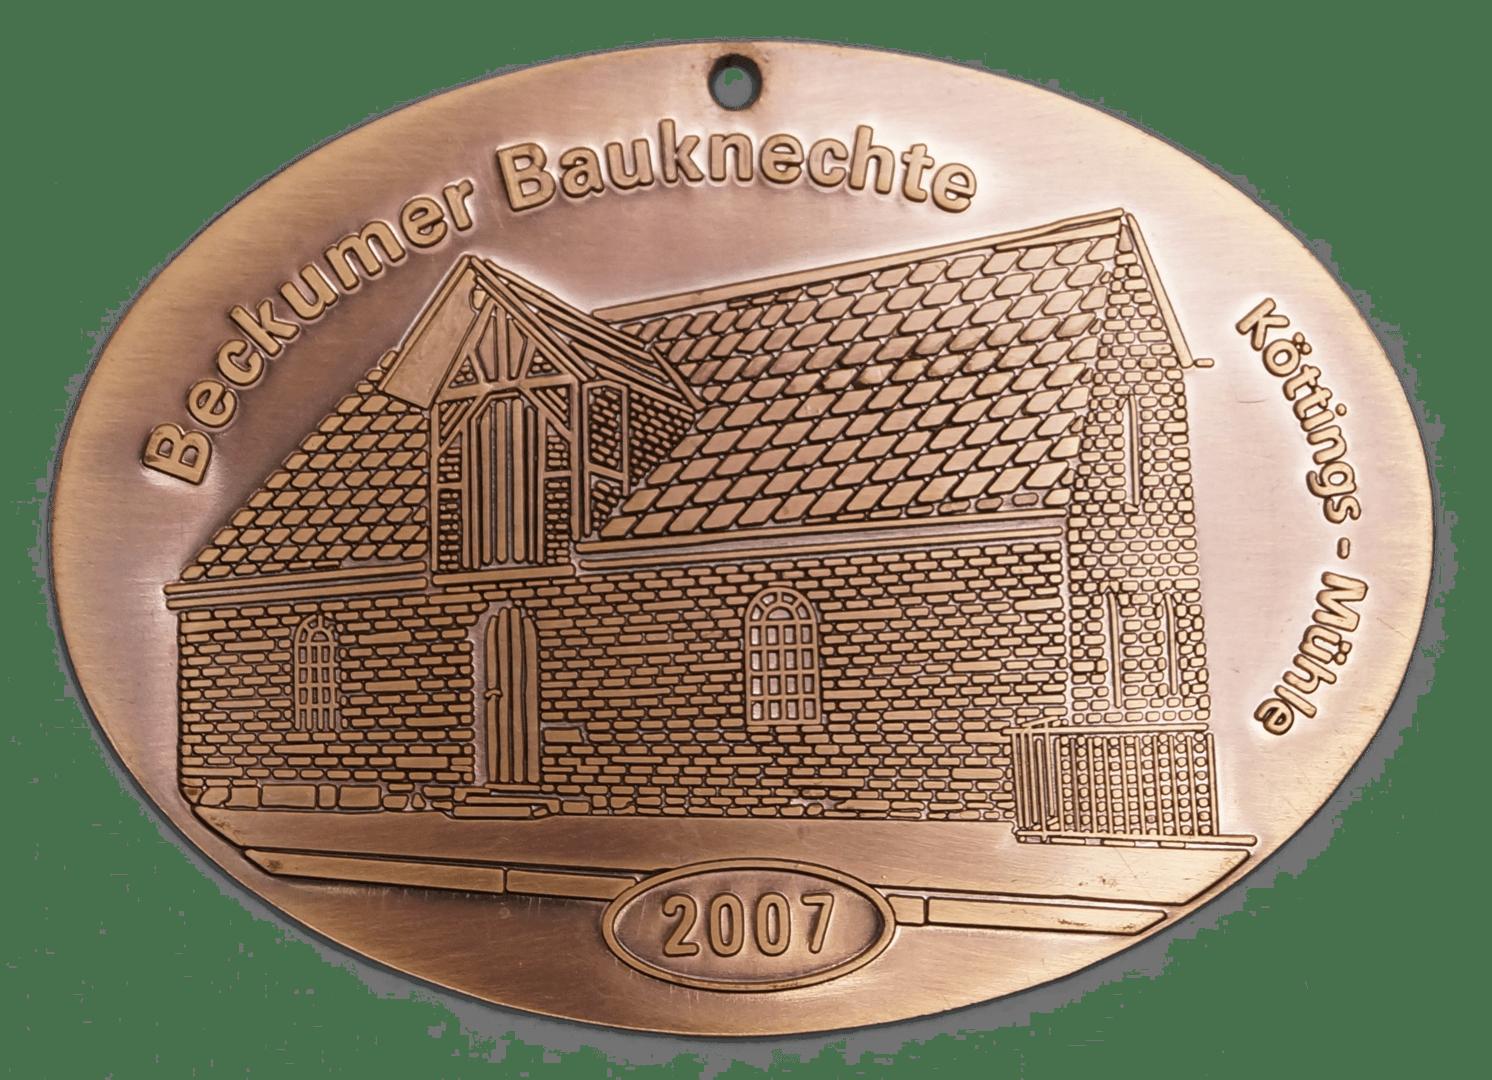 Beckumer-Bauknechte_Orden_2007